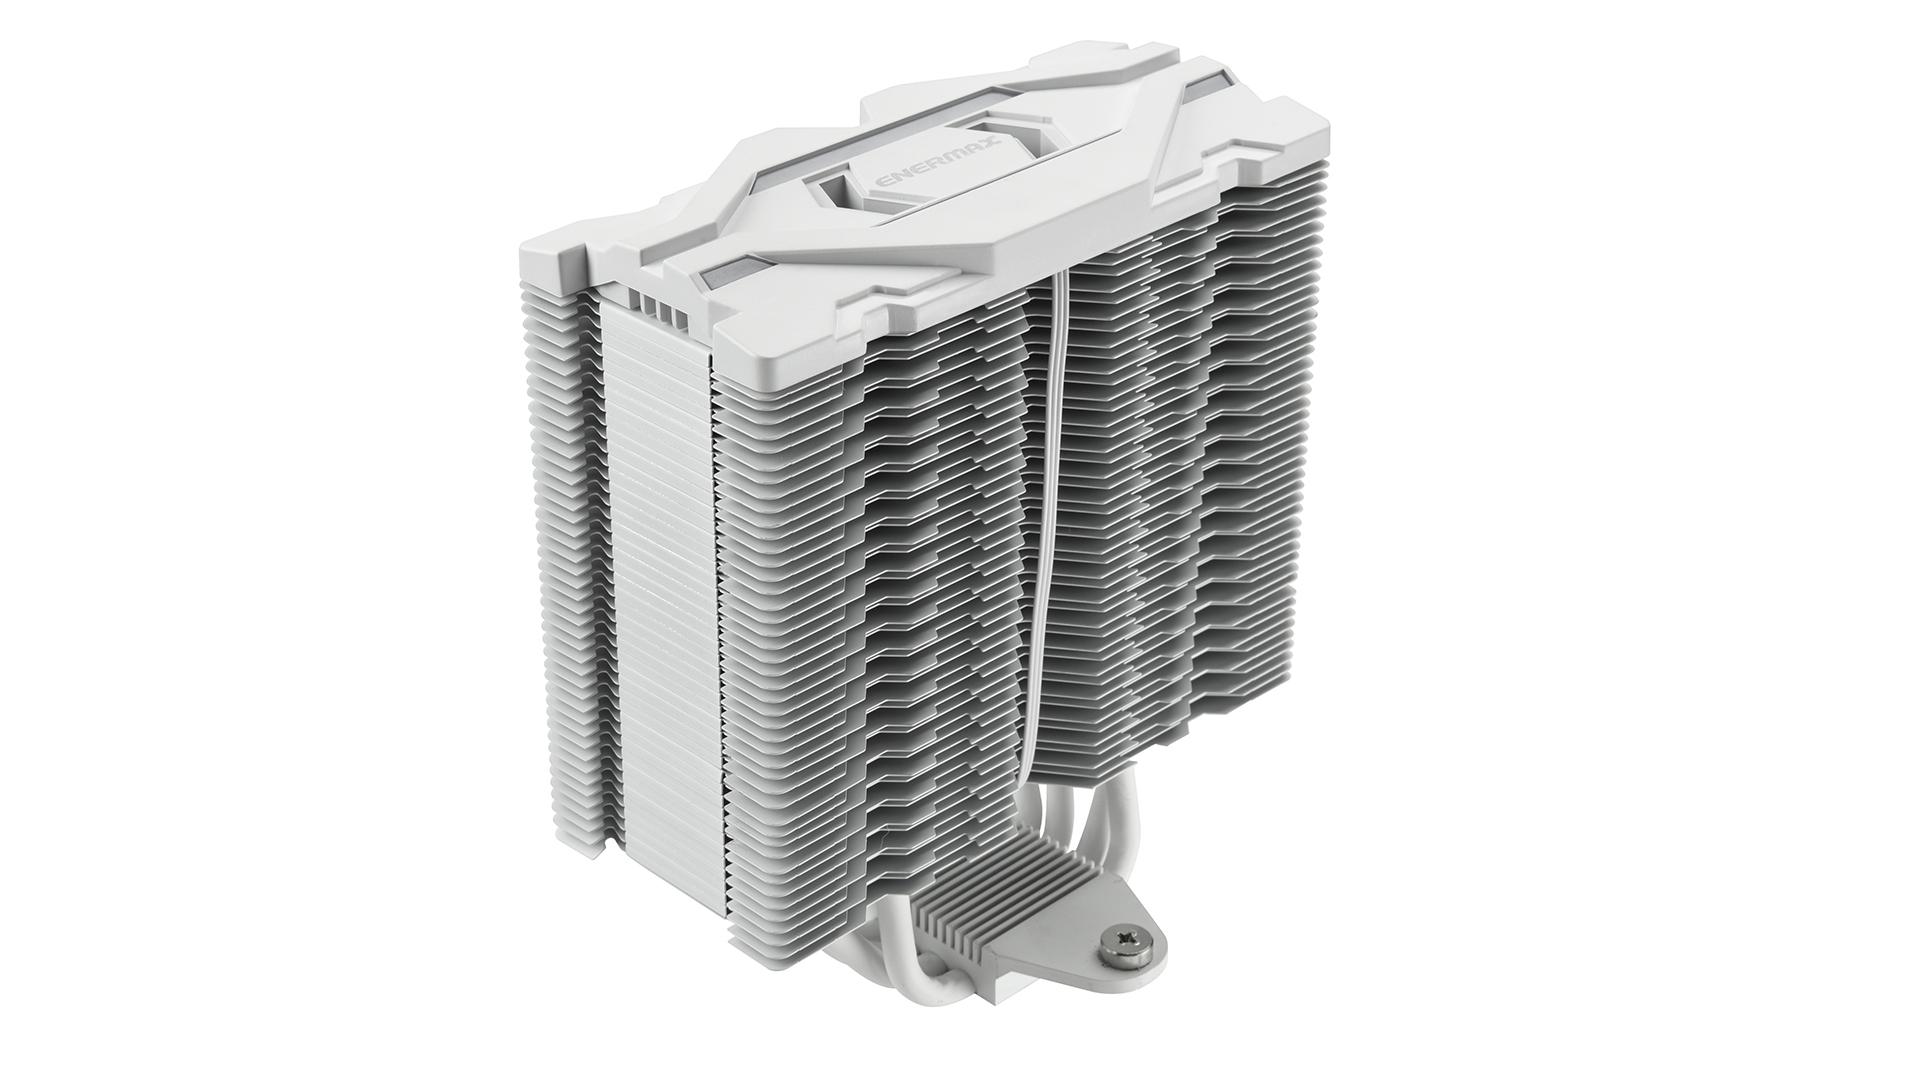 ETS-F40 - Refroidisseur blanc pour processeur Intel / AMD Ryzen